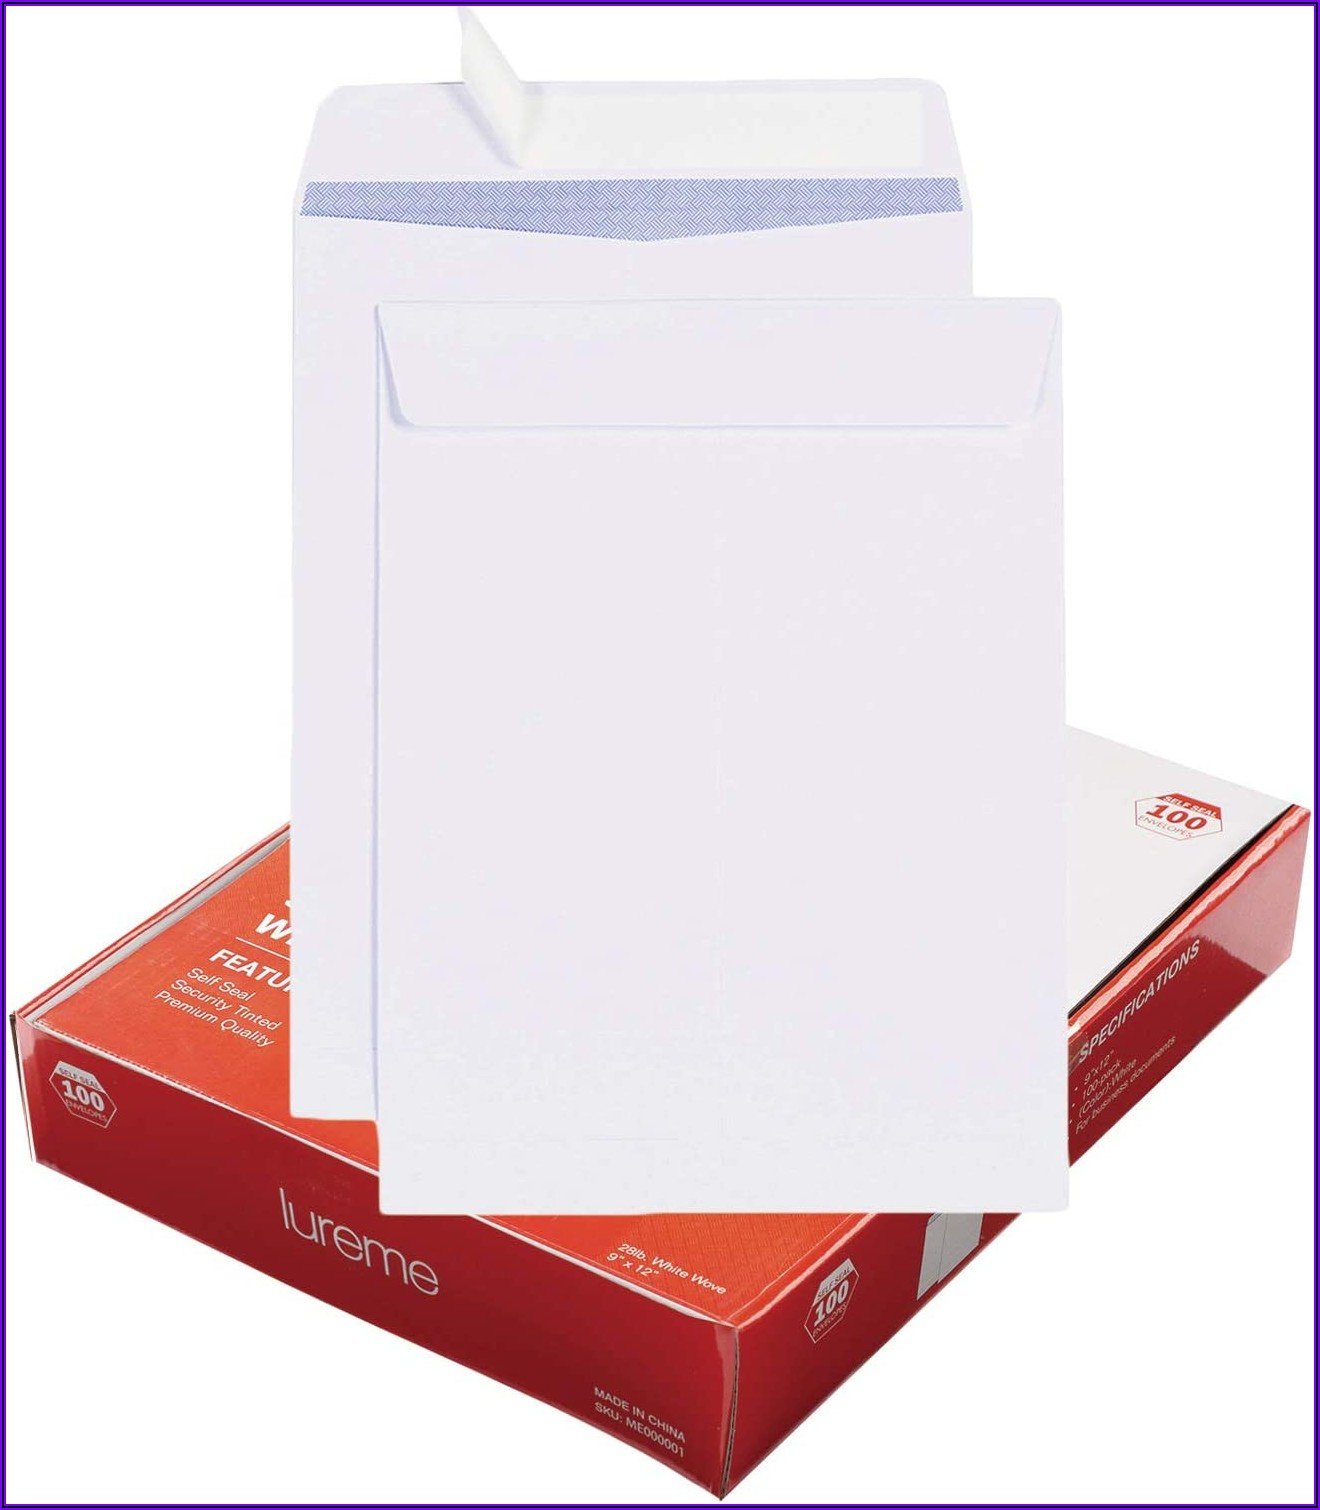 9 X 12 White Self Seal Envelopes